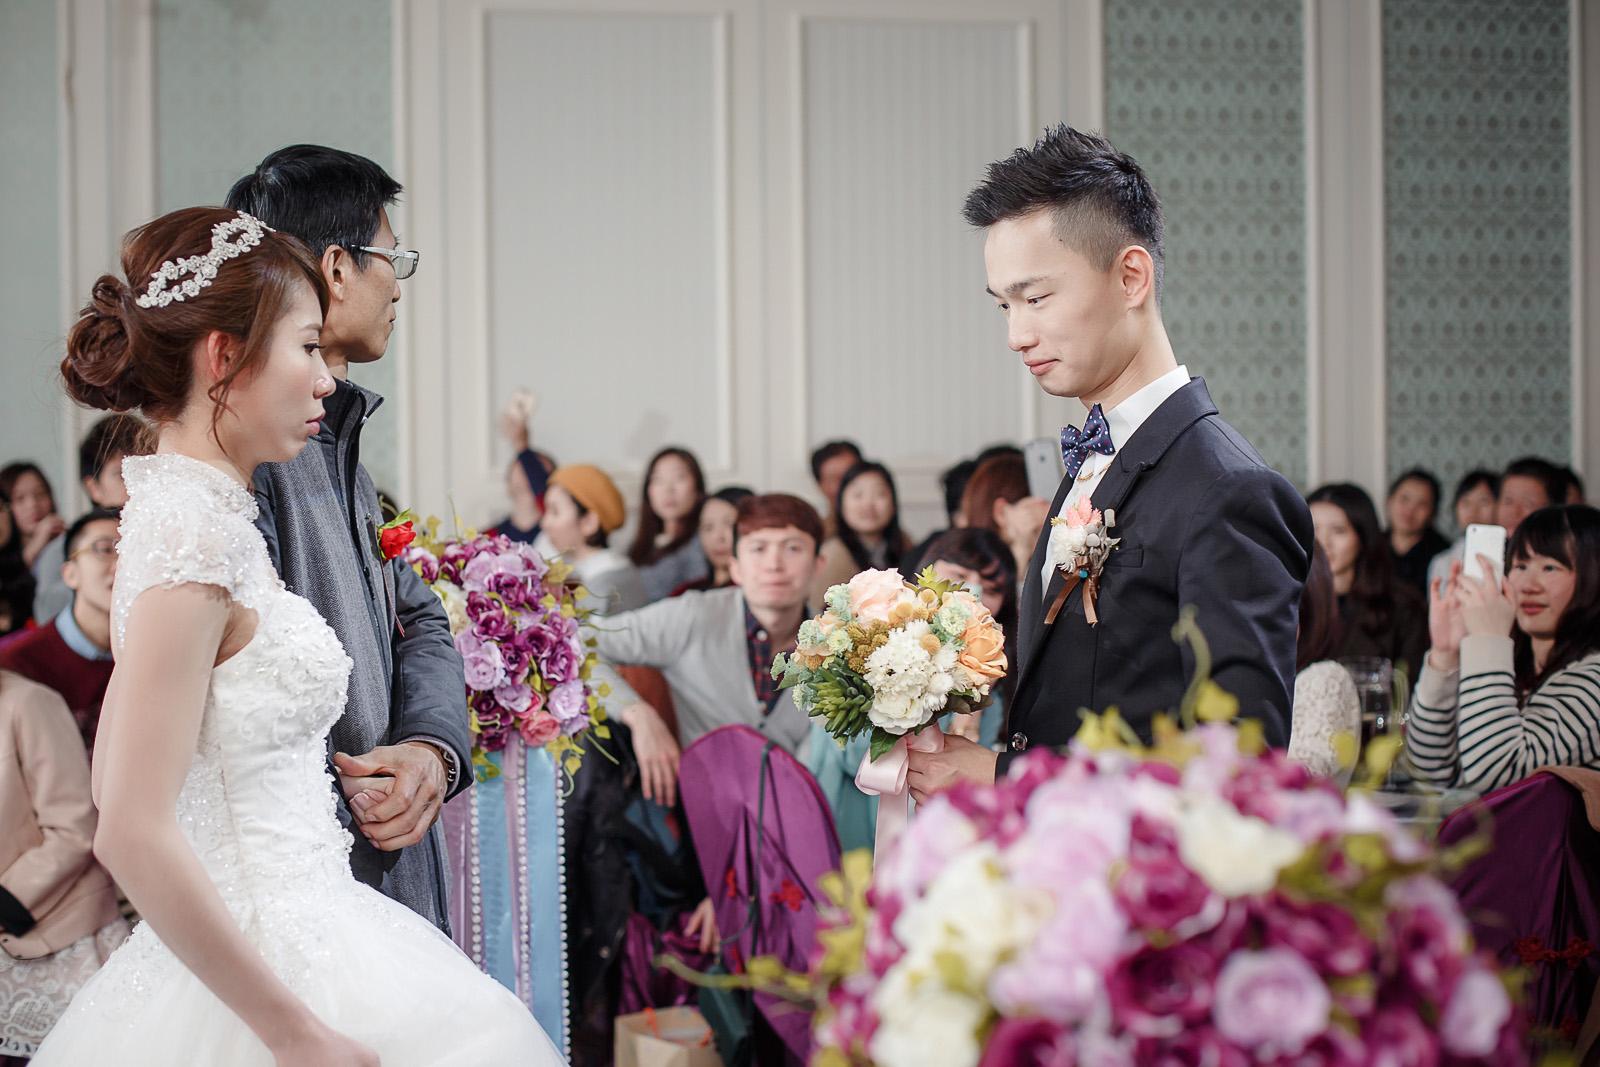 高雄圓山飯店,婚禮攝影,婚攝,高雄婚攝,優質婚攝推薦,Jen&Ethan-245